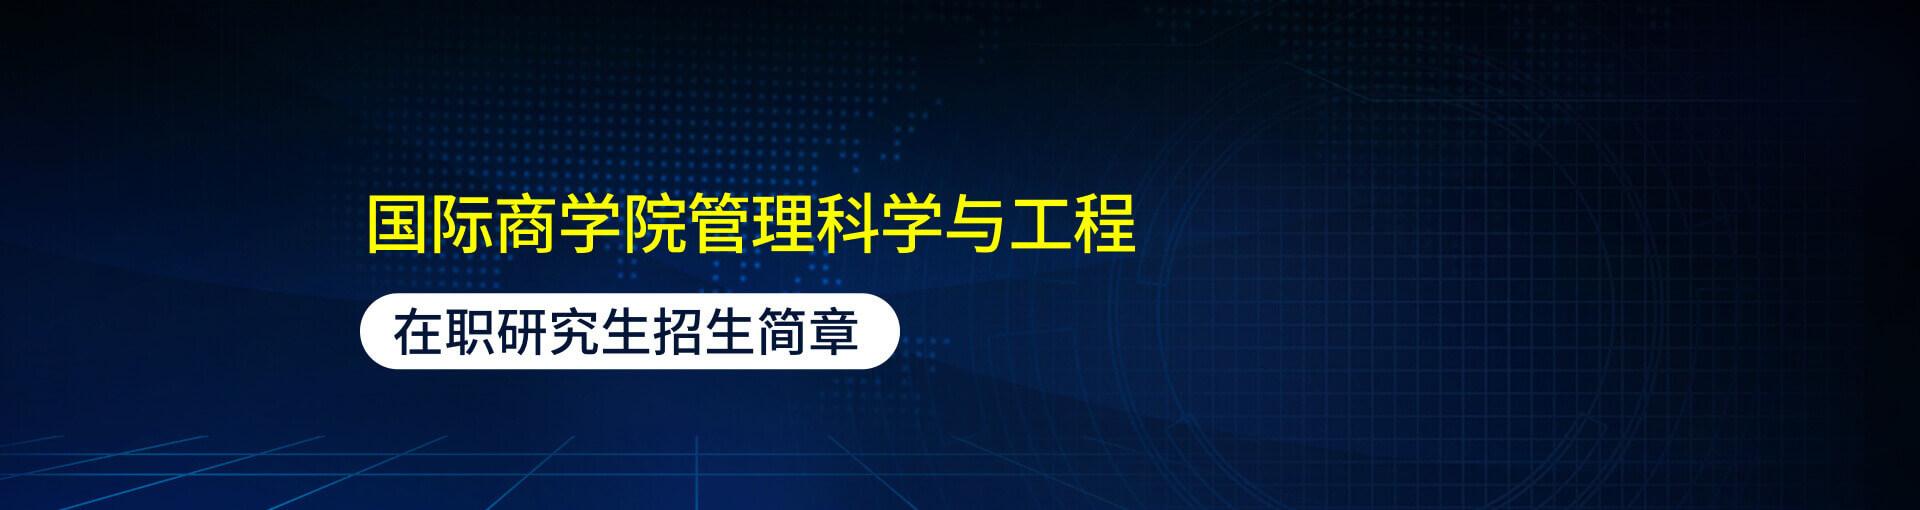 北京外国语大学国际商学院管理科学与工程在职研究生招生简章